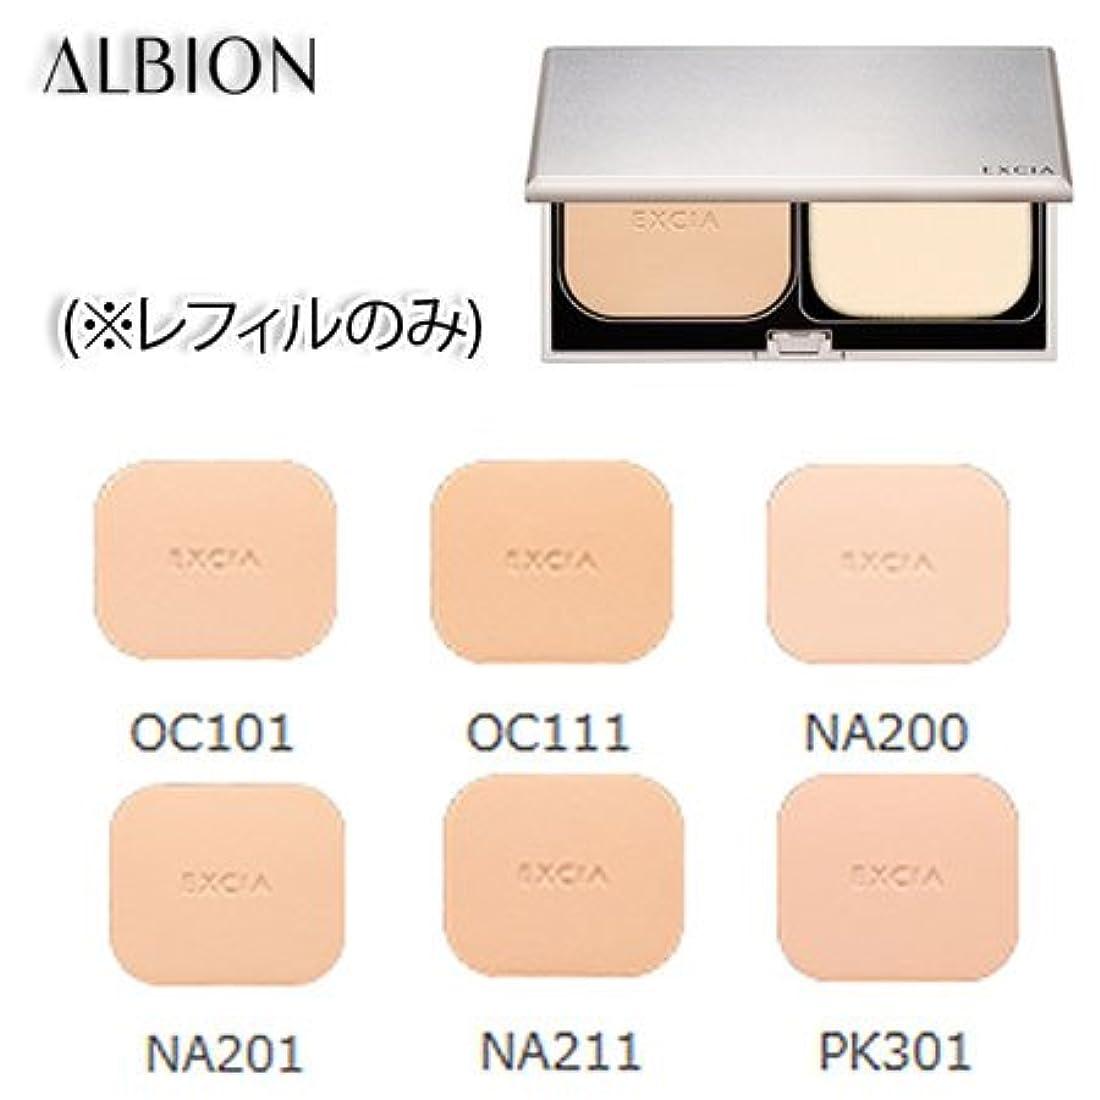 認める良心インターネットアルビオン エクシア AL ホワイトプレミアムパウダー ファンデーション SPF30 PA+++ 11g 6色 (レフィルのみ) -ALBION- PK301